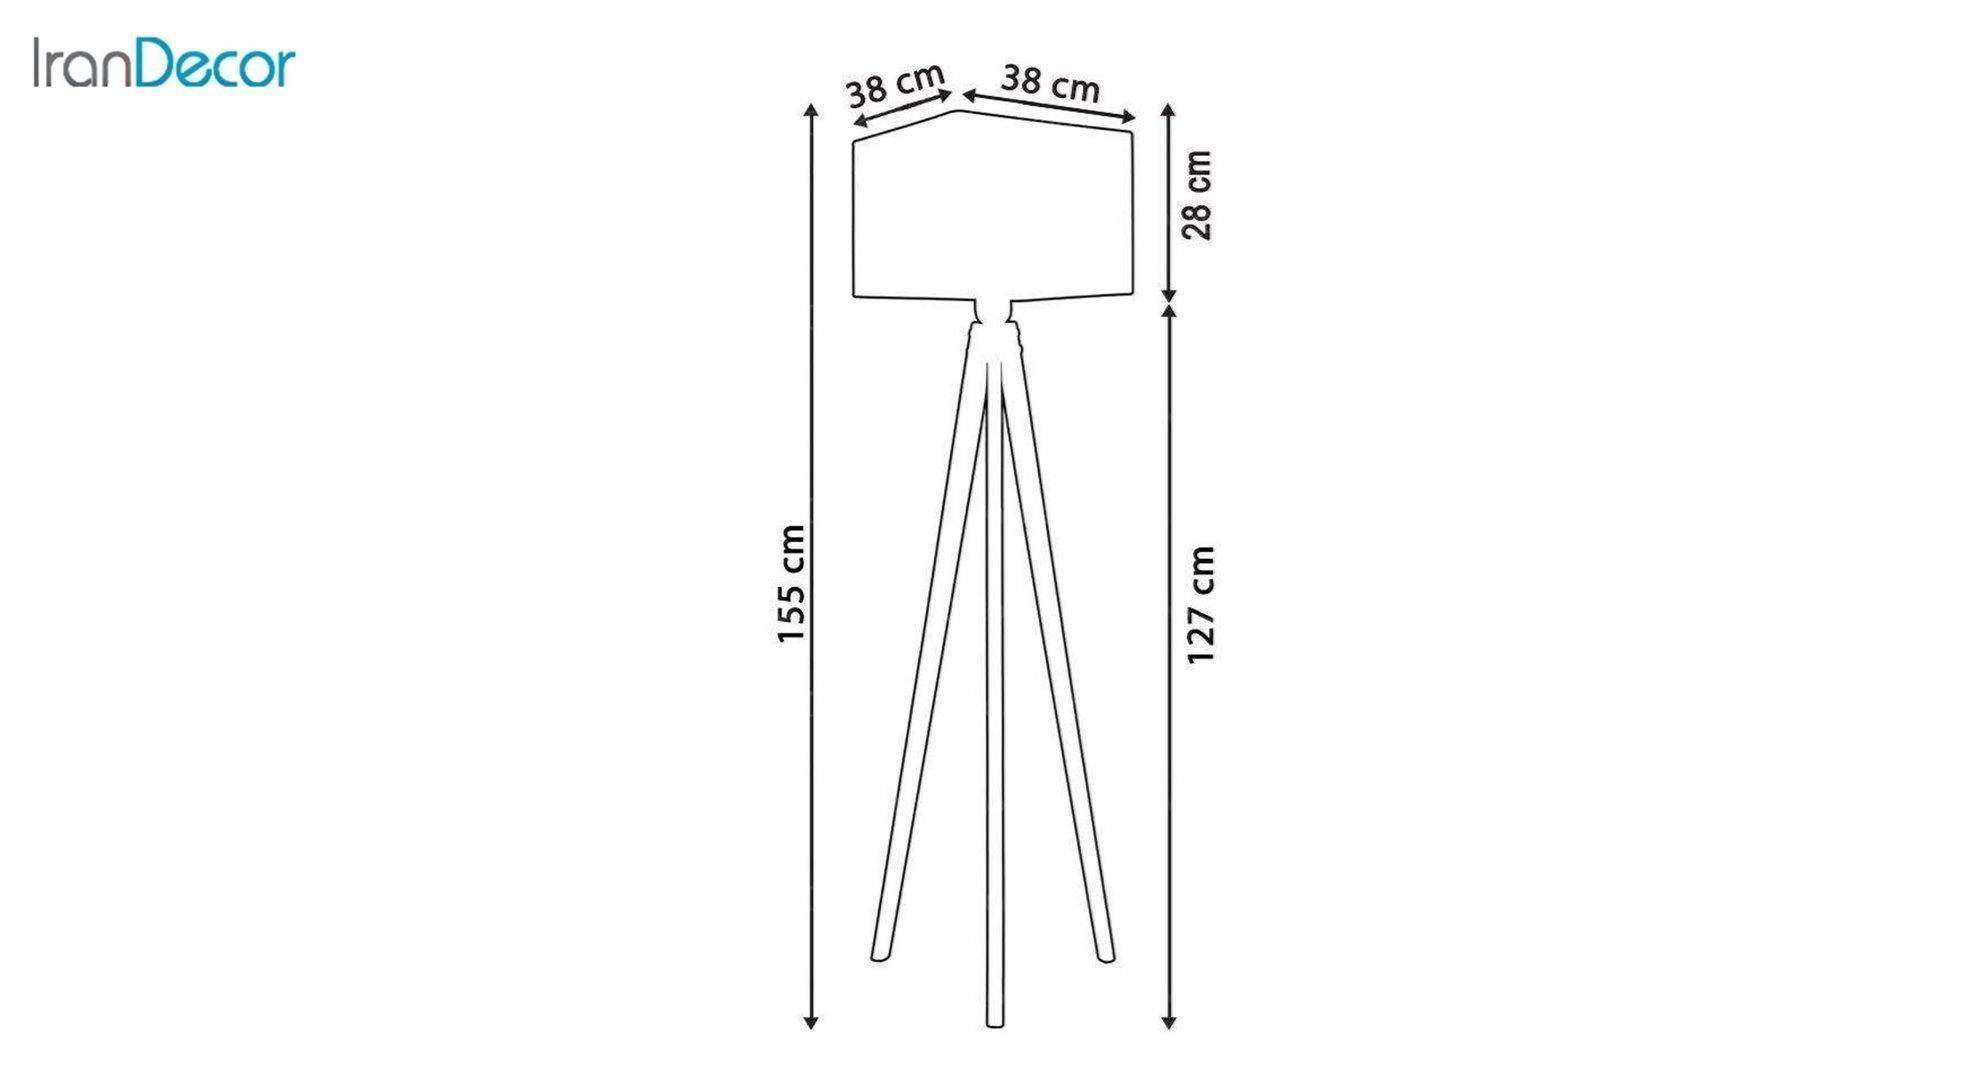 آباژور ایستاده چوبی مدل آرام ML7024/23 جزئیات